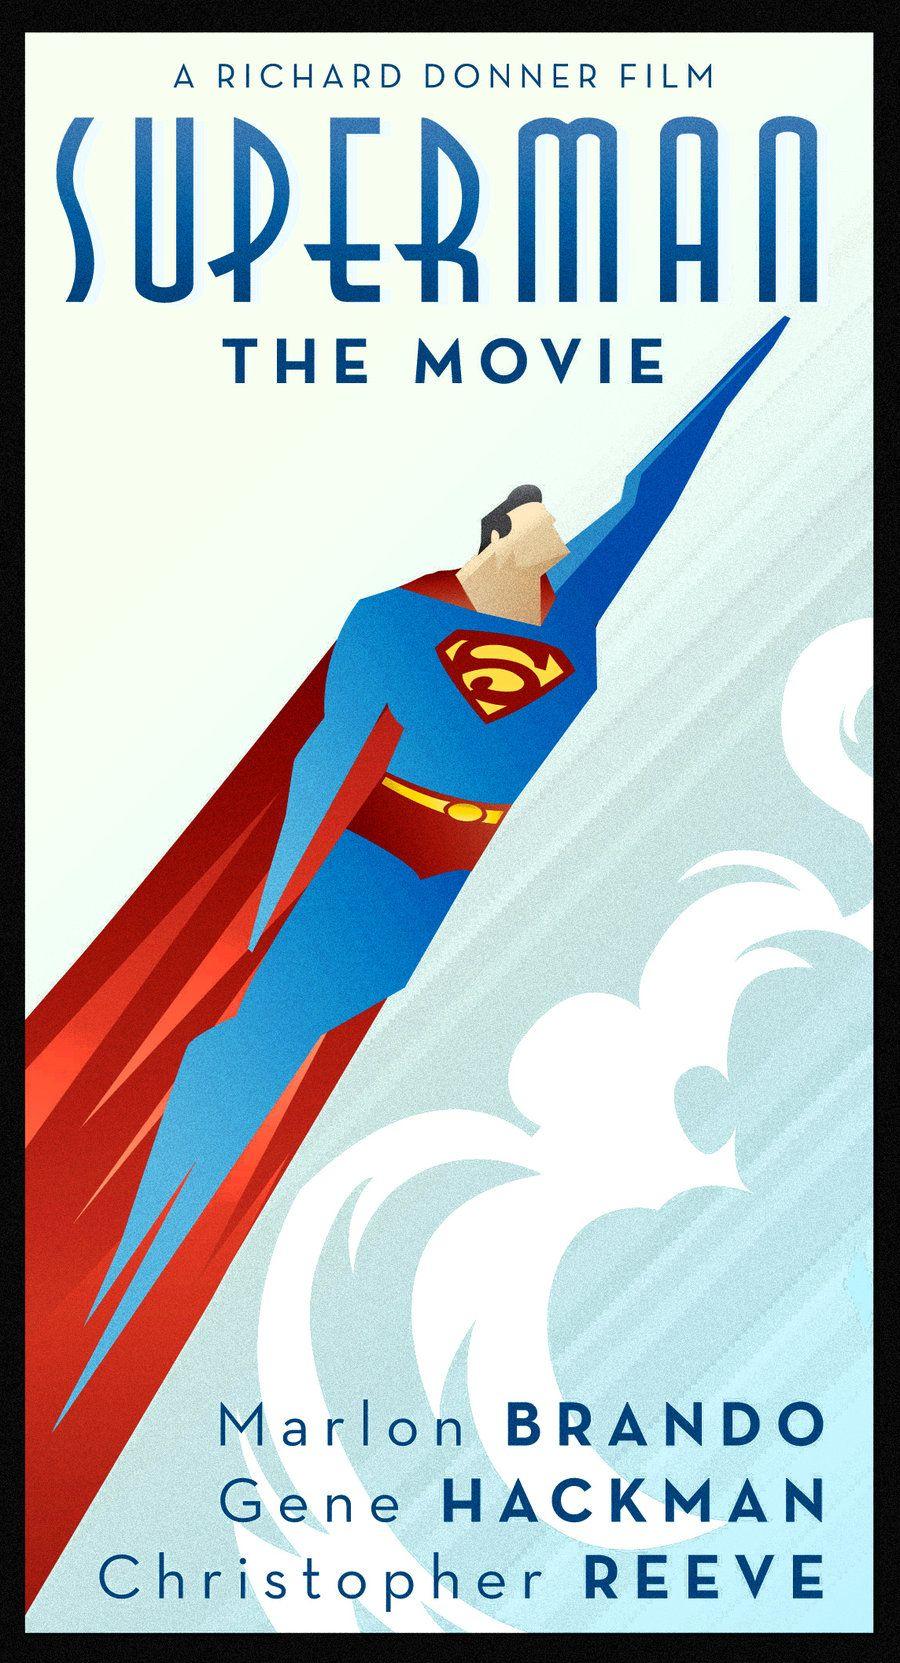 Superman Movie Art Deco By Rodolforever Deviantart Com On Deviantart Superman Art Superman Poster Movie Art